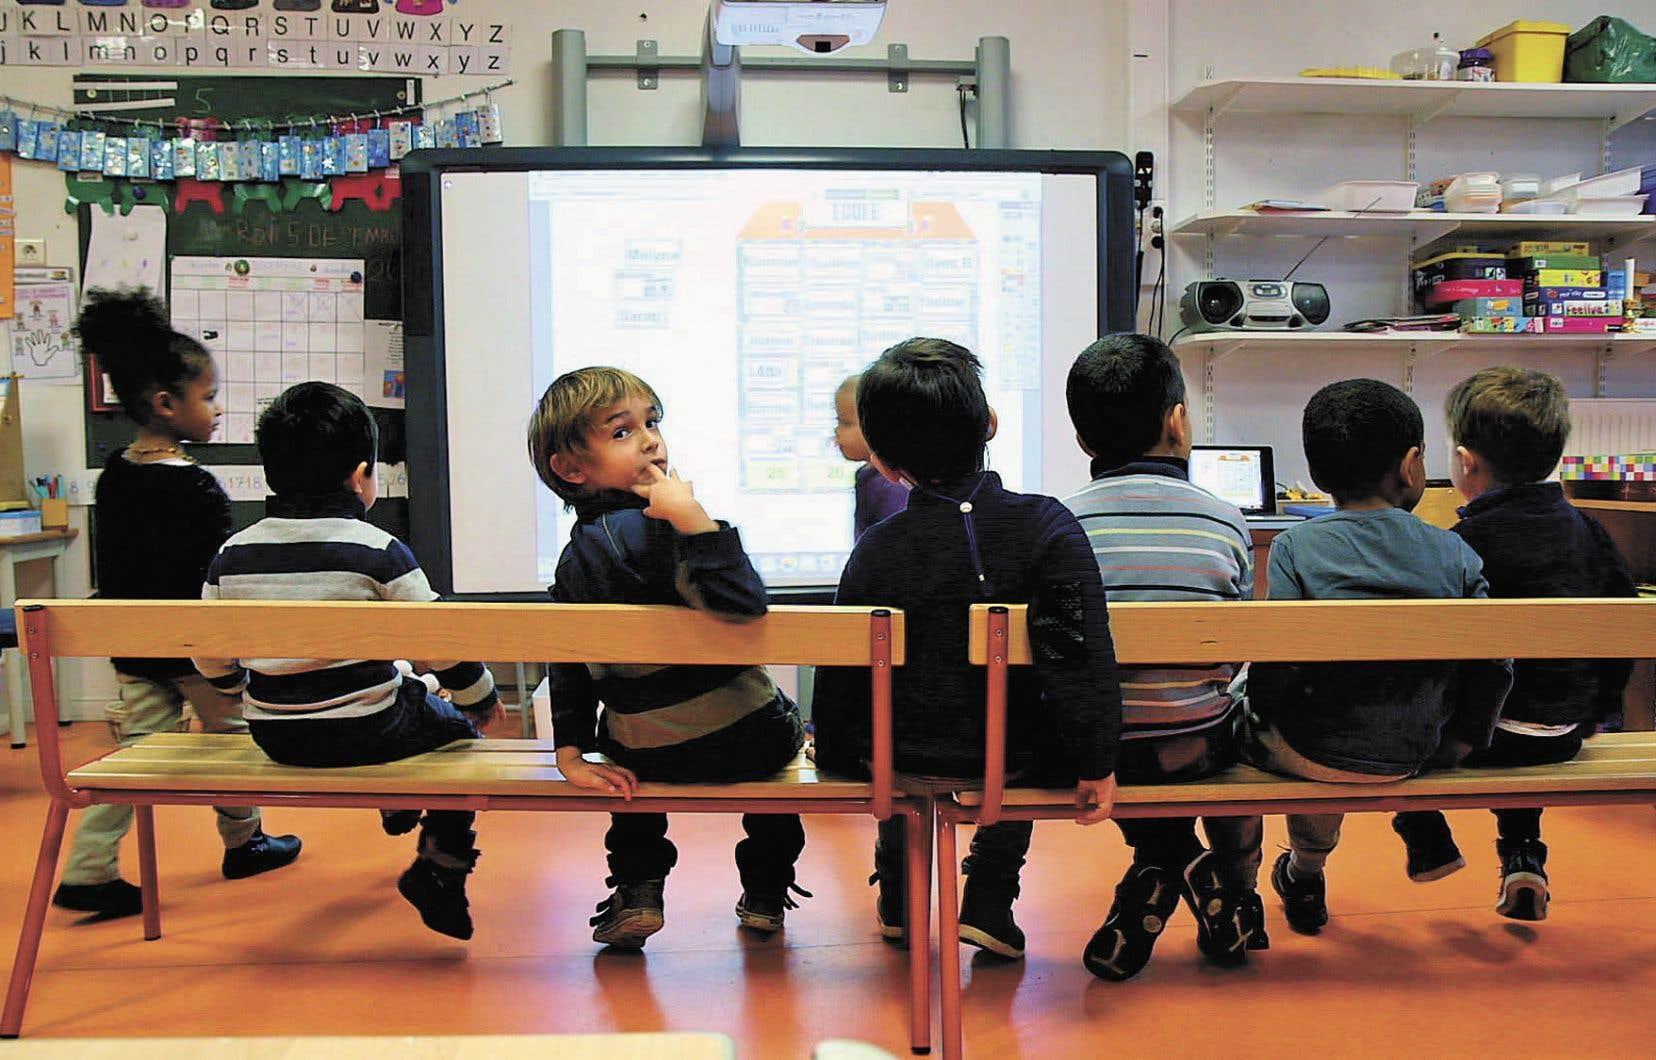 Rapidement, on répond à la question de départ: oui, les enfants fréquenteront toujours des établissements scolaires en 2030.